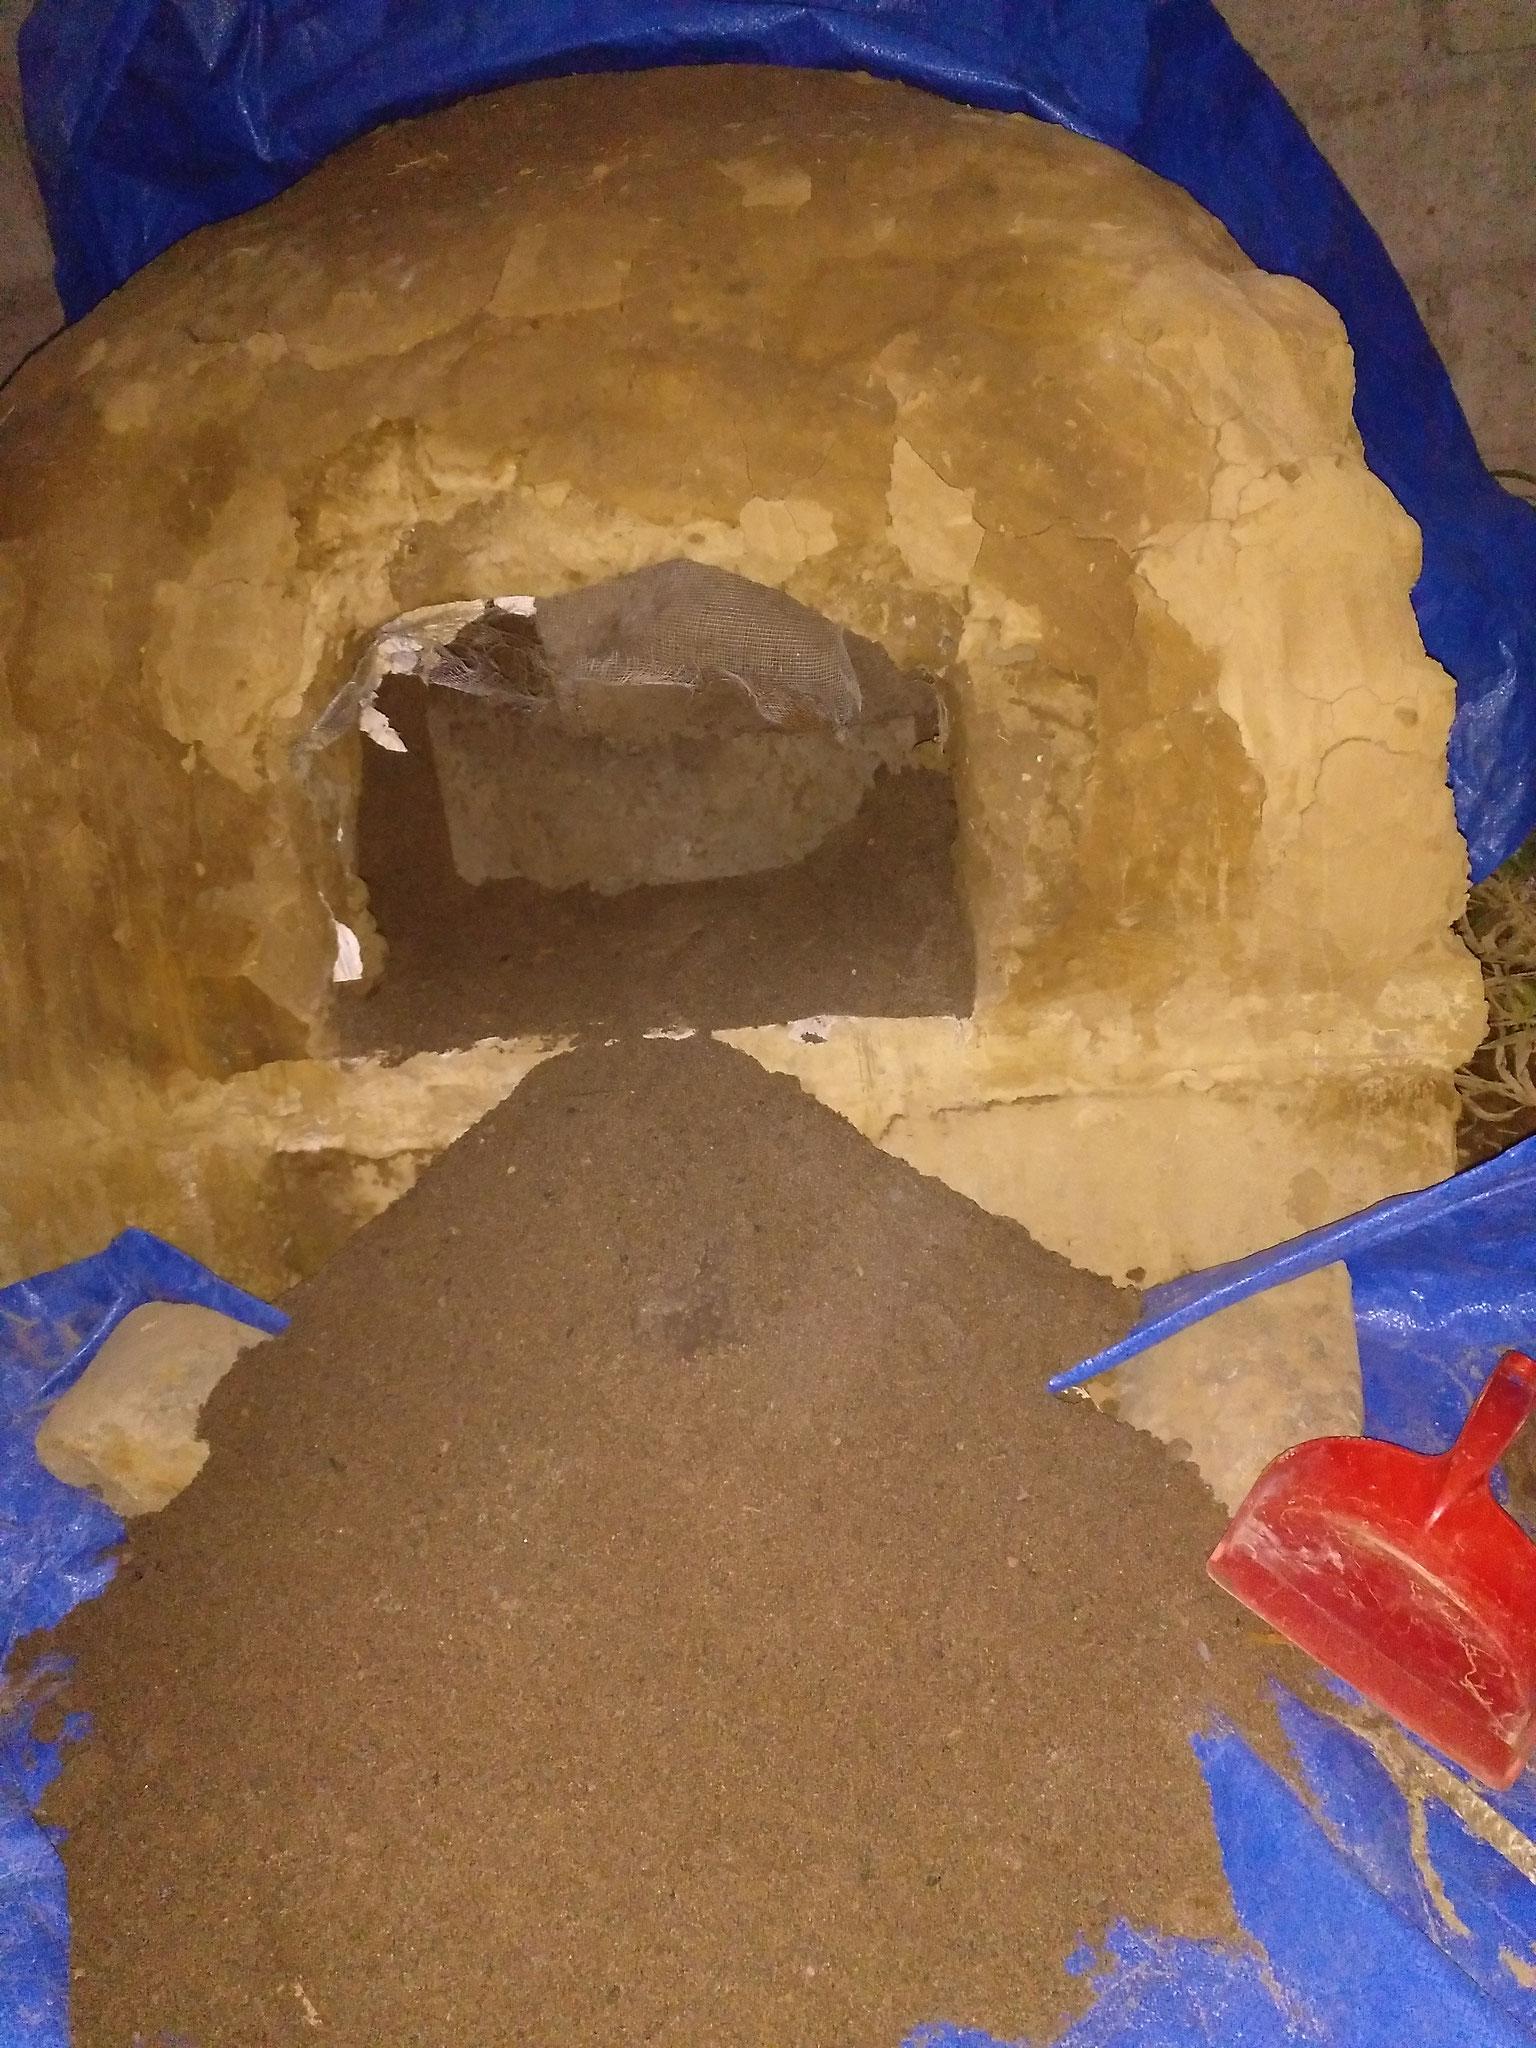 ... bis der Ofen so trocken war, dass wir den Sand rausholen konnten.